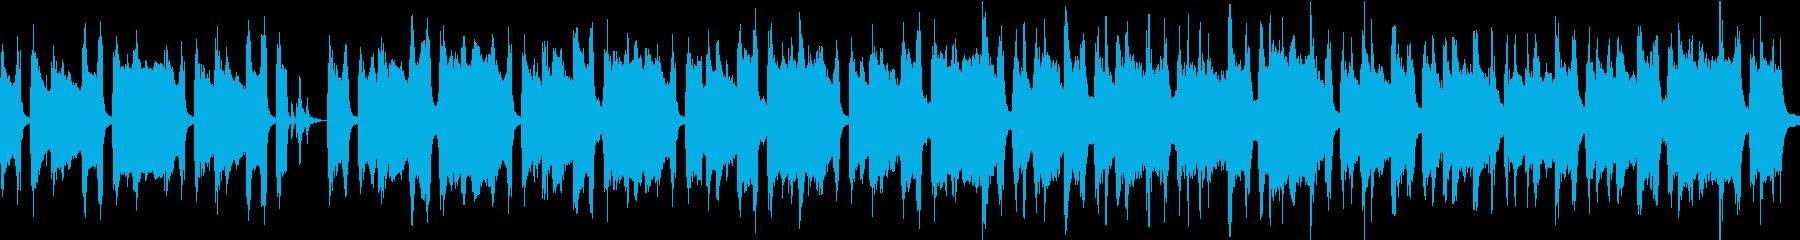 メロウなポップ①爽やか・優しさ【ループ】の再生済みの波形